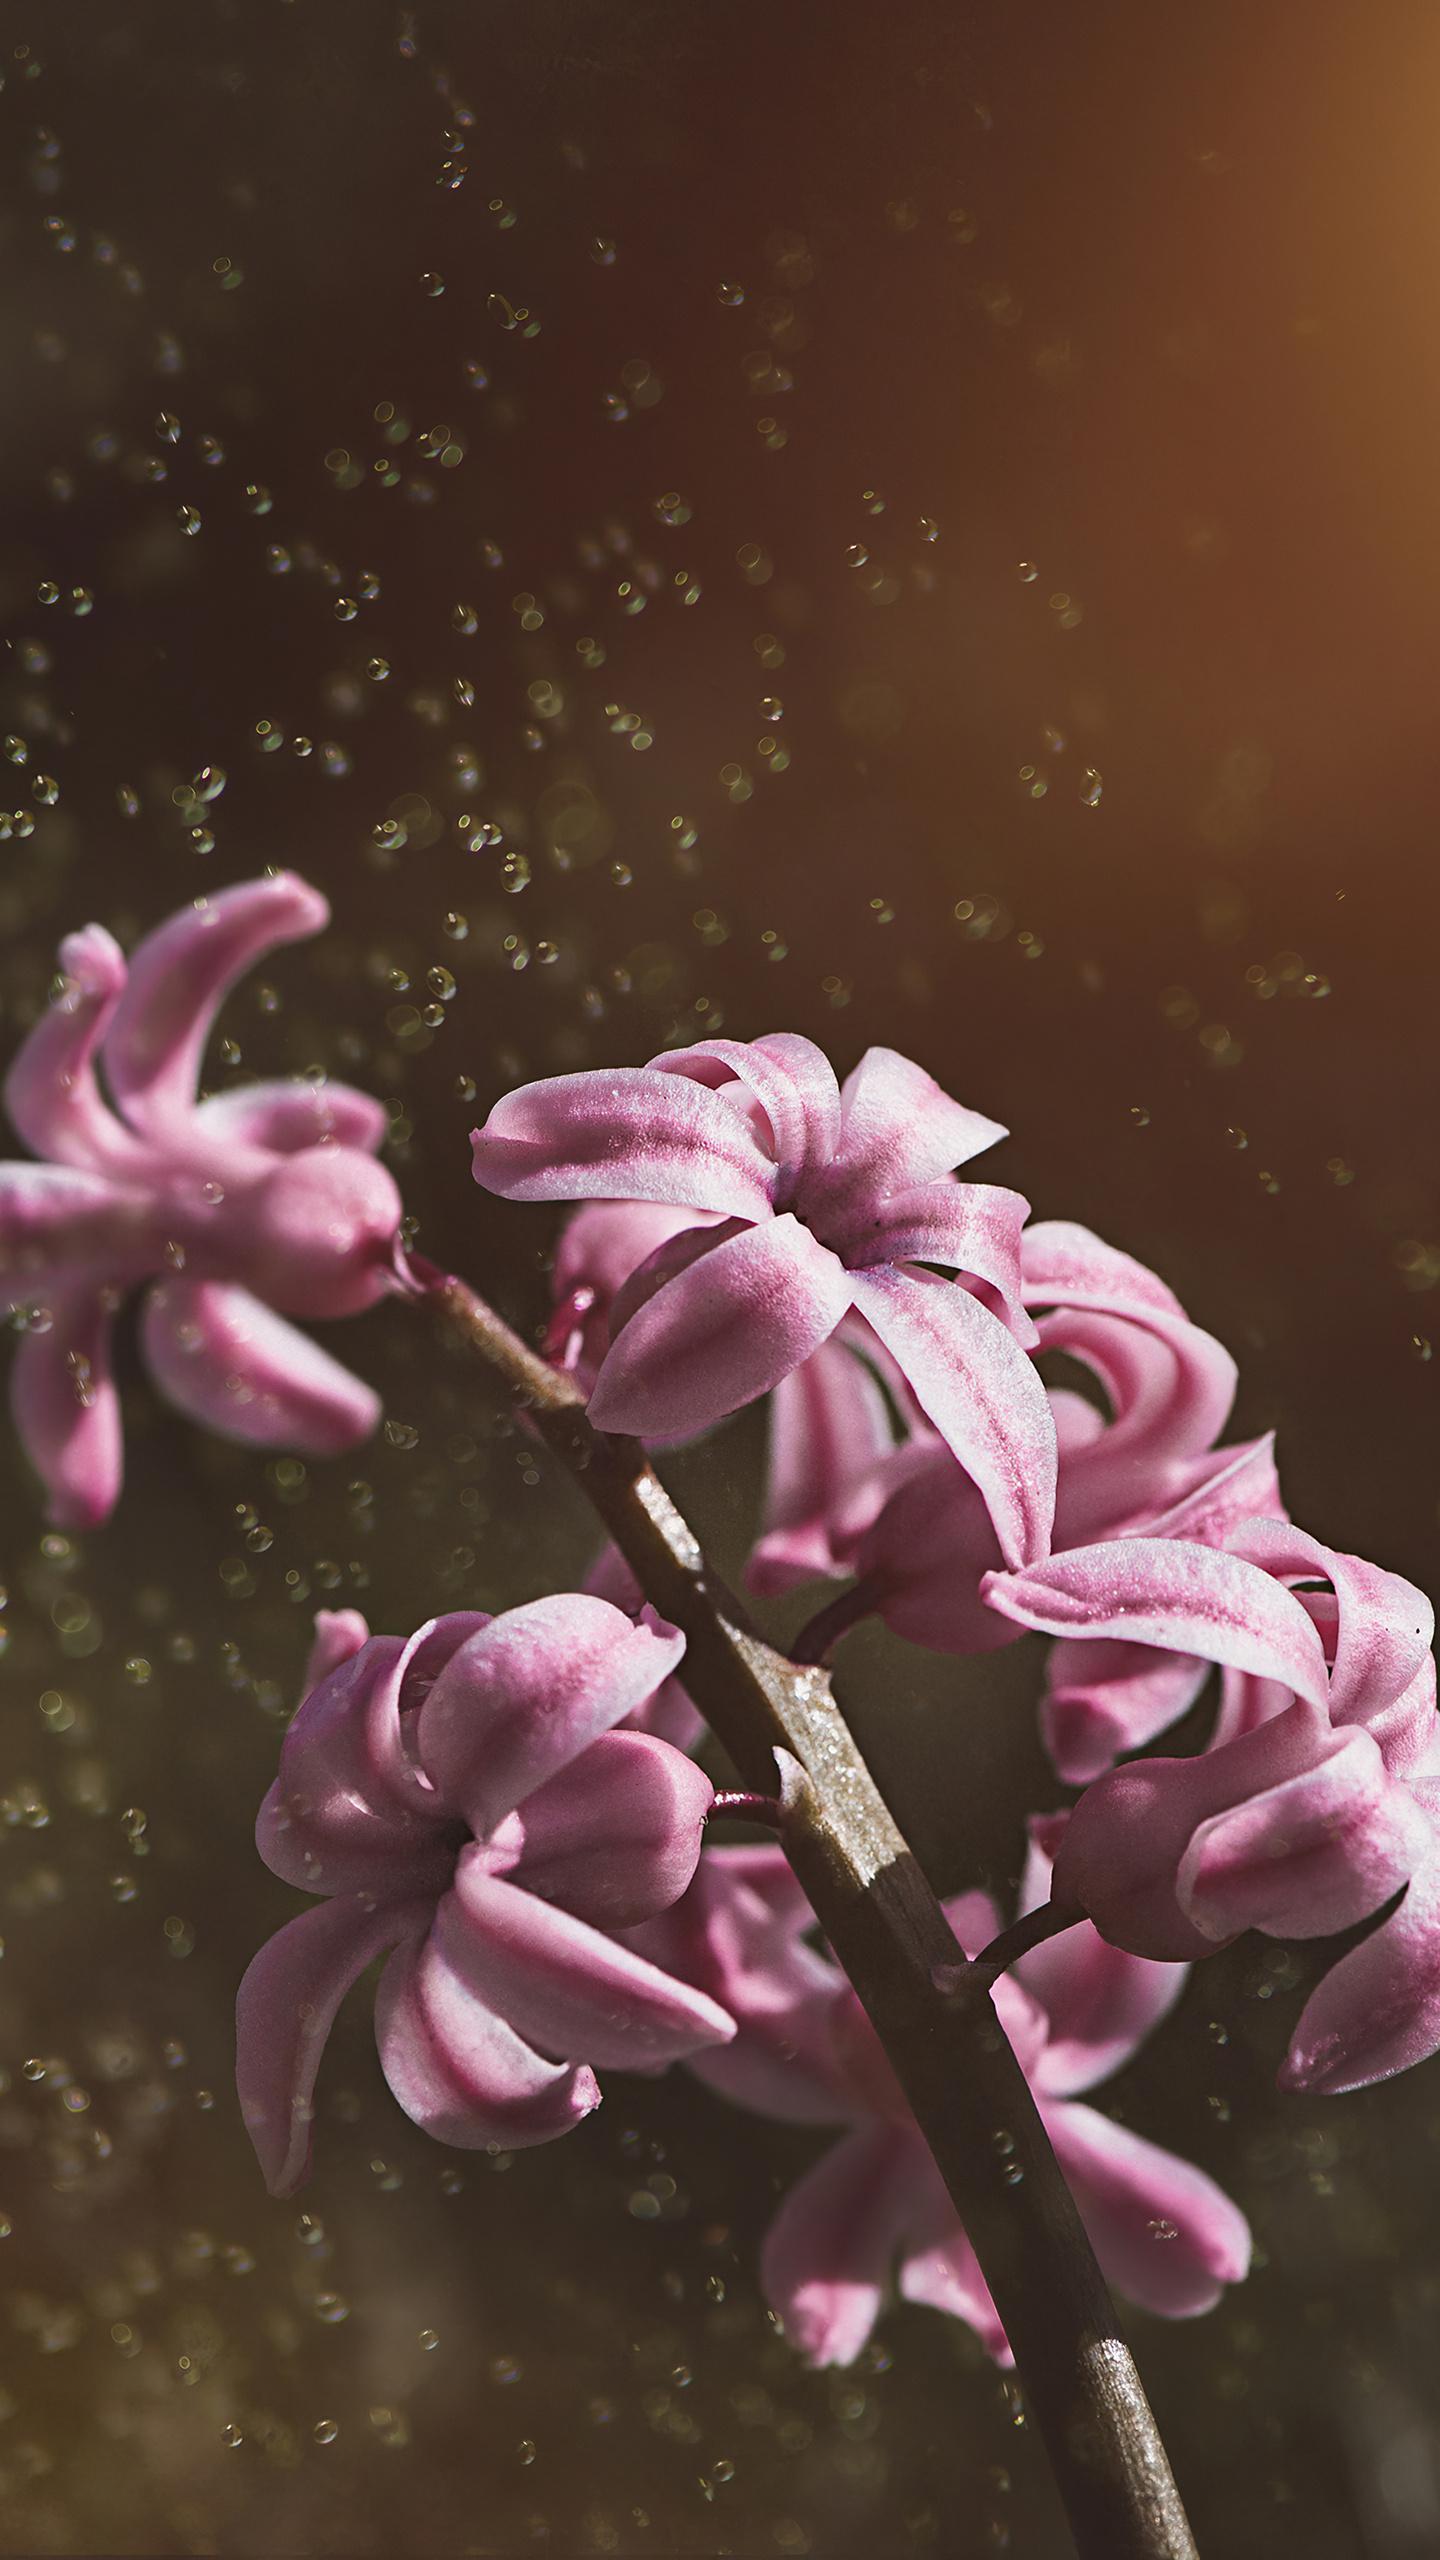 pink-color-hyacinth-flowers-5k-le.jpg